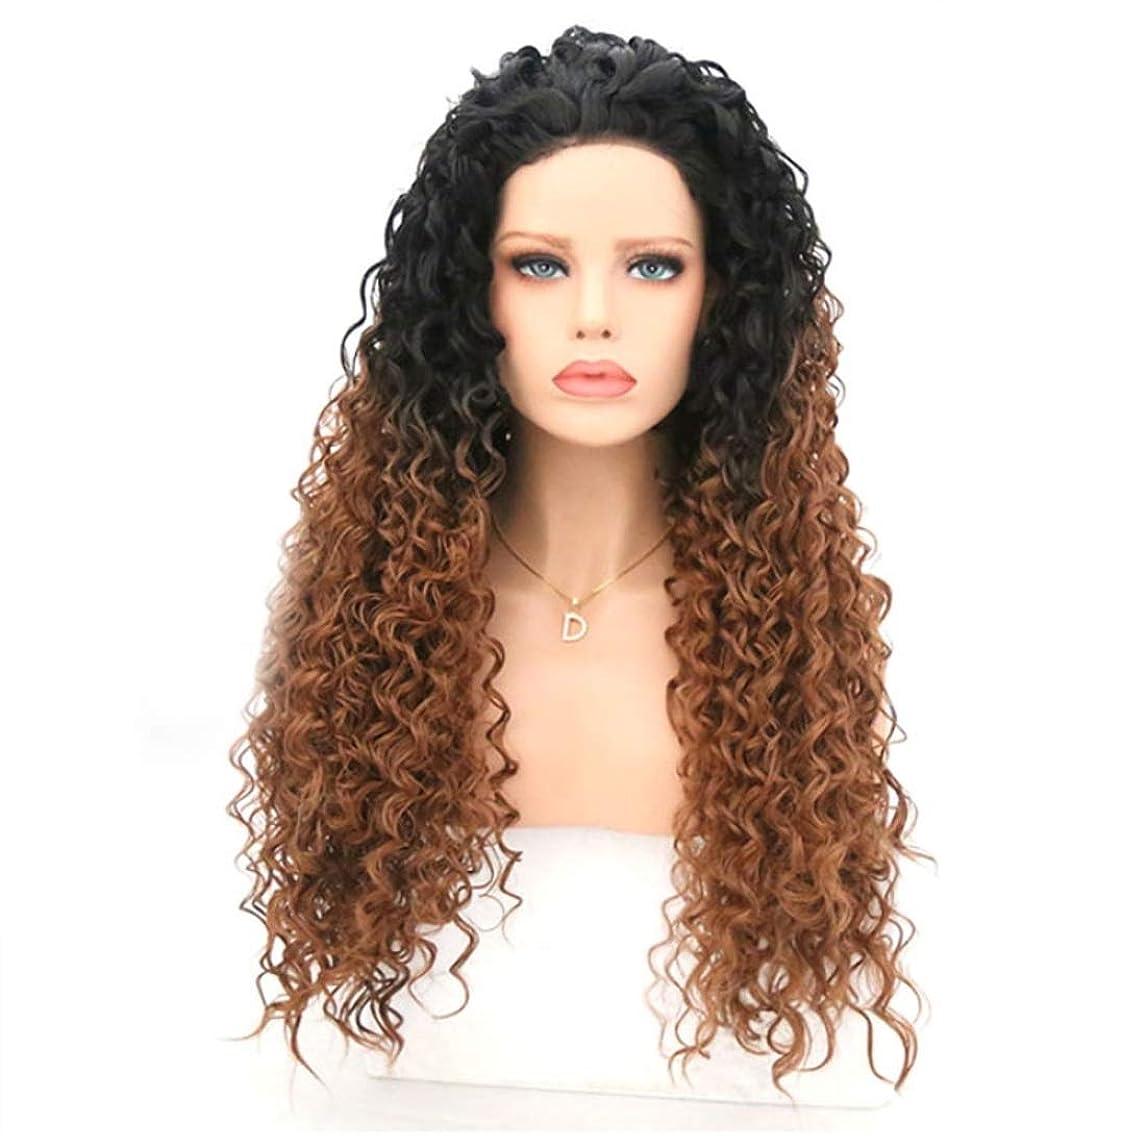 官僚評価可能母性Summerys 波状の巻き毛のかつら女性のための耐熱性巻き毛のかつら (Size : 16 inches)